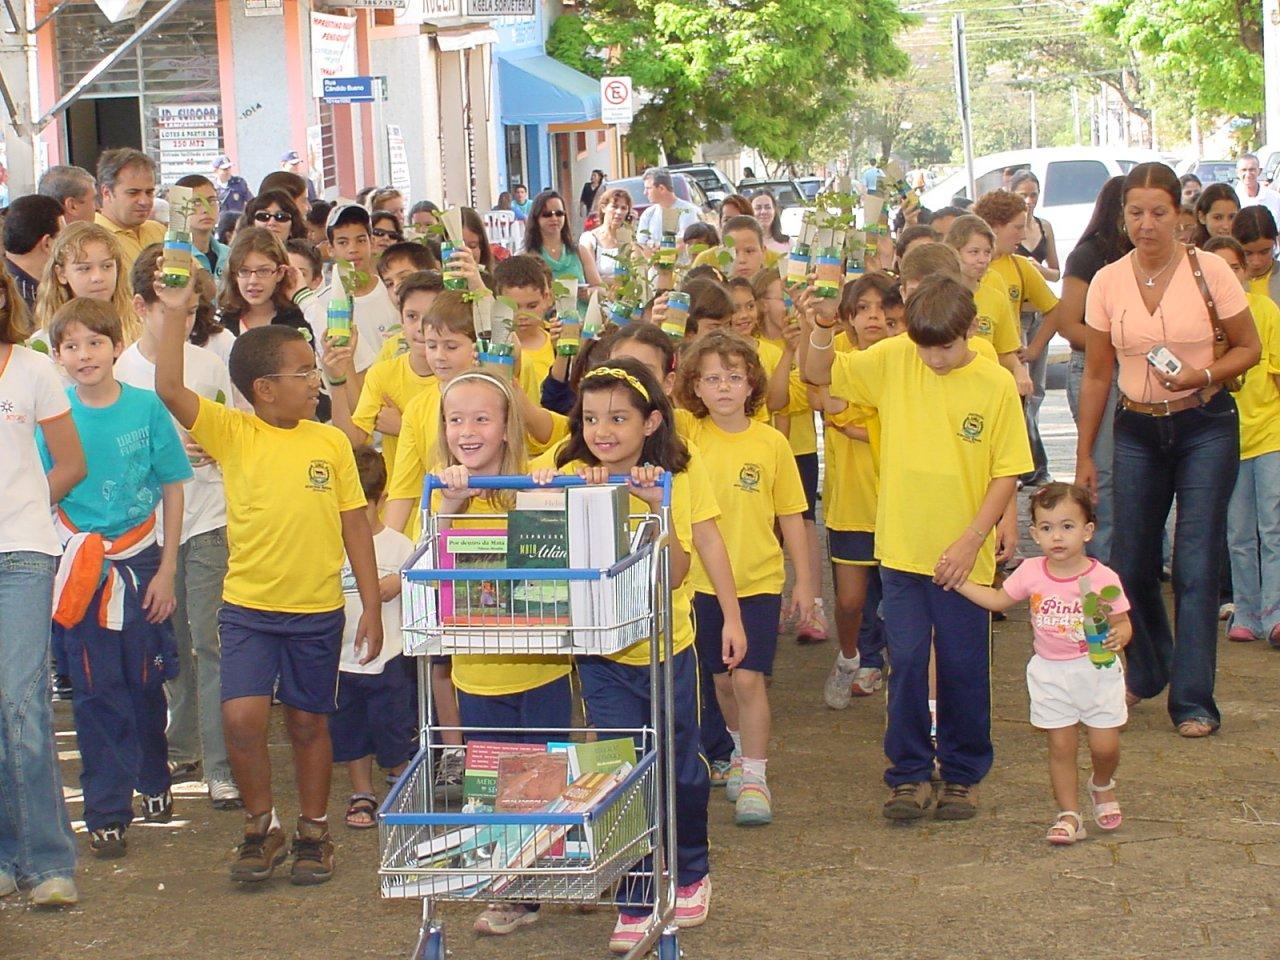 Momento da celebração em que crianças participaram do ofertório com mudas de árvores (Foto Gislaine Mathias)